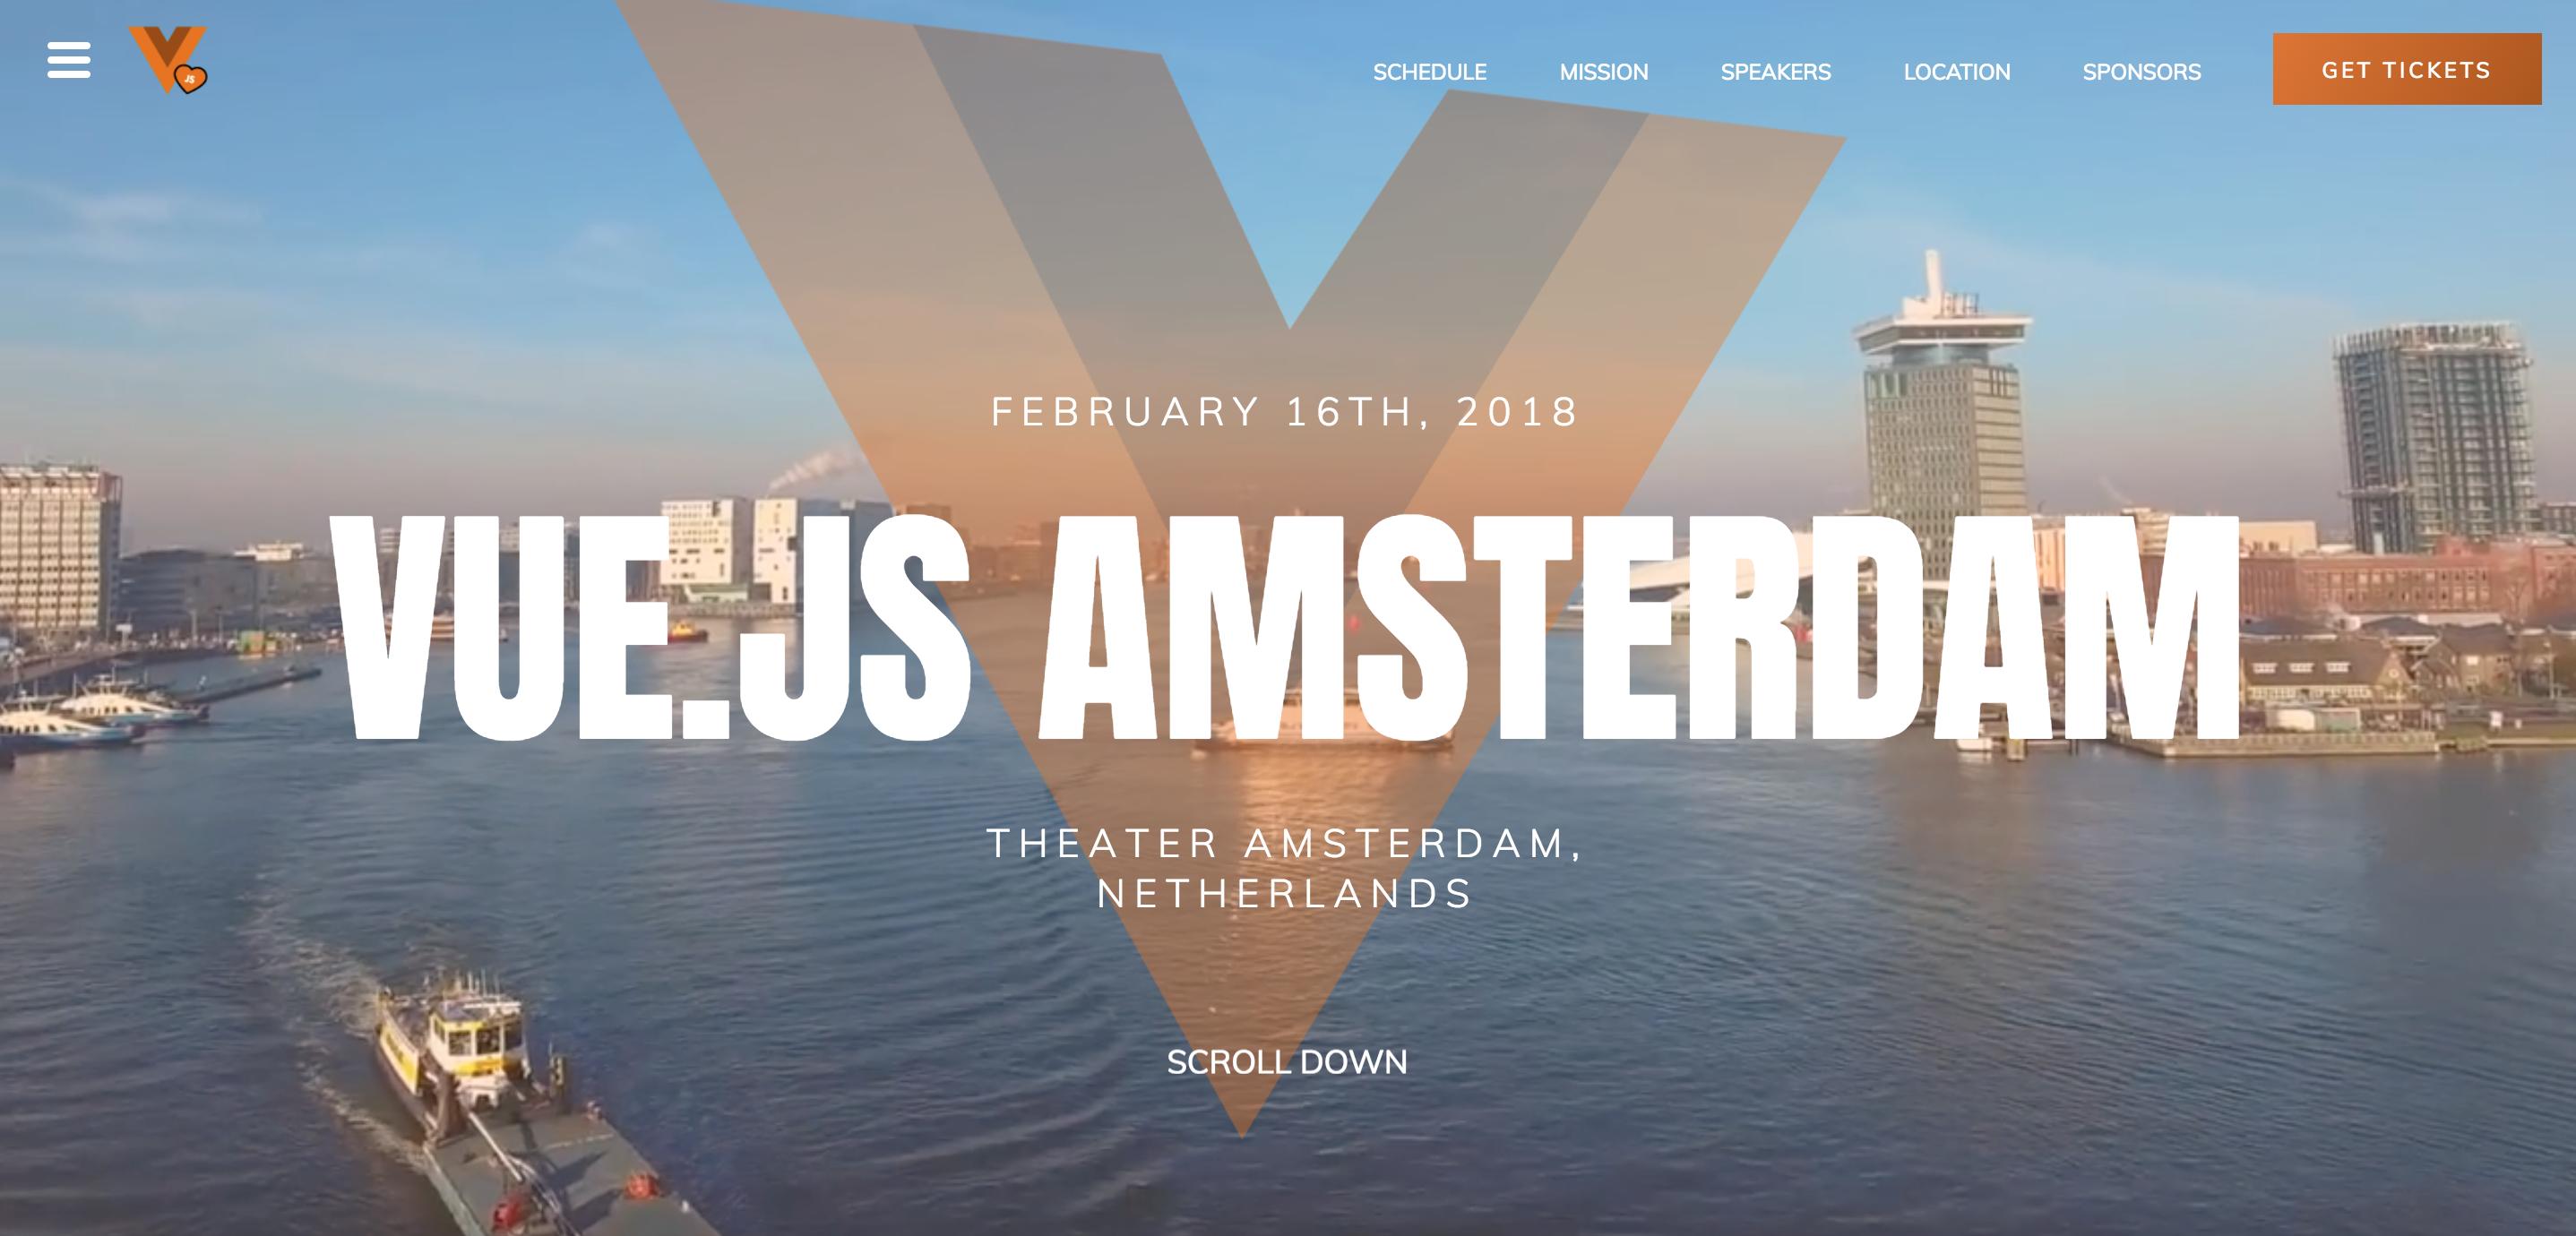 Vuejs Amsterdam